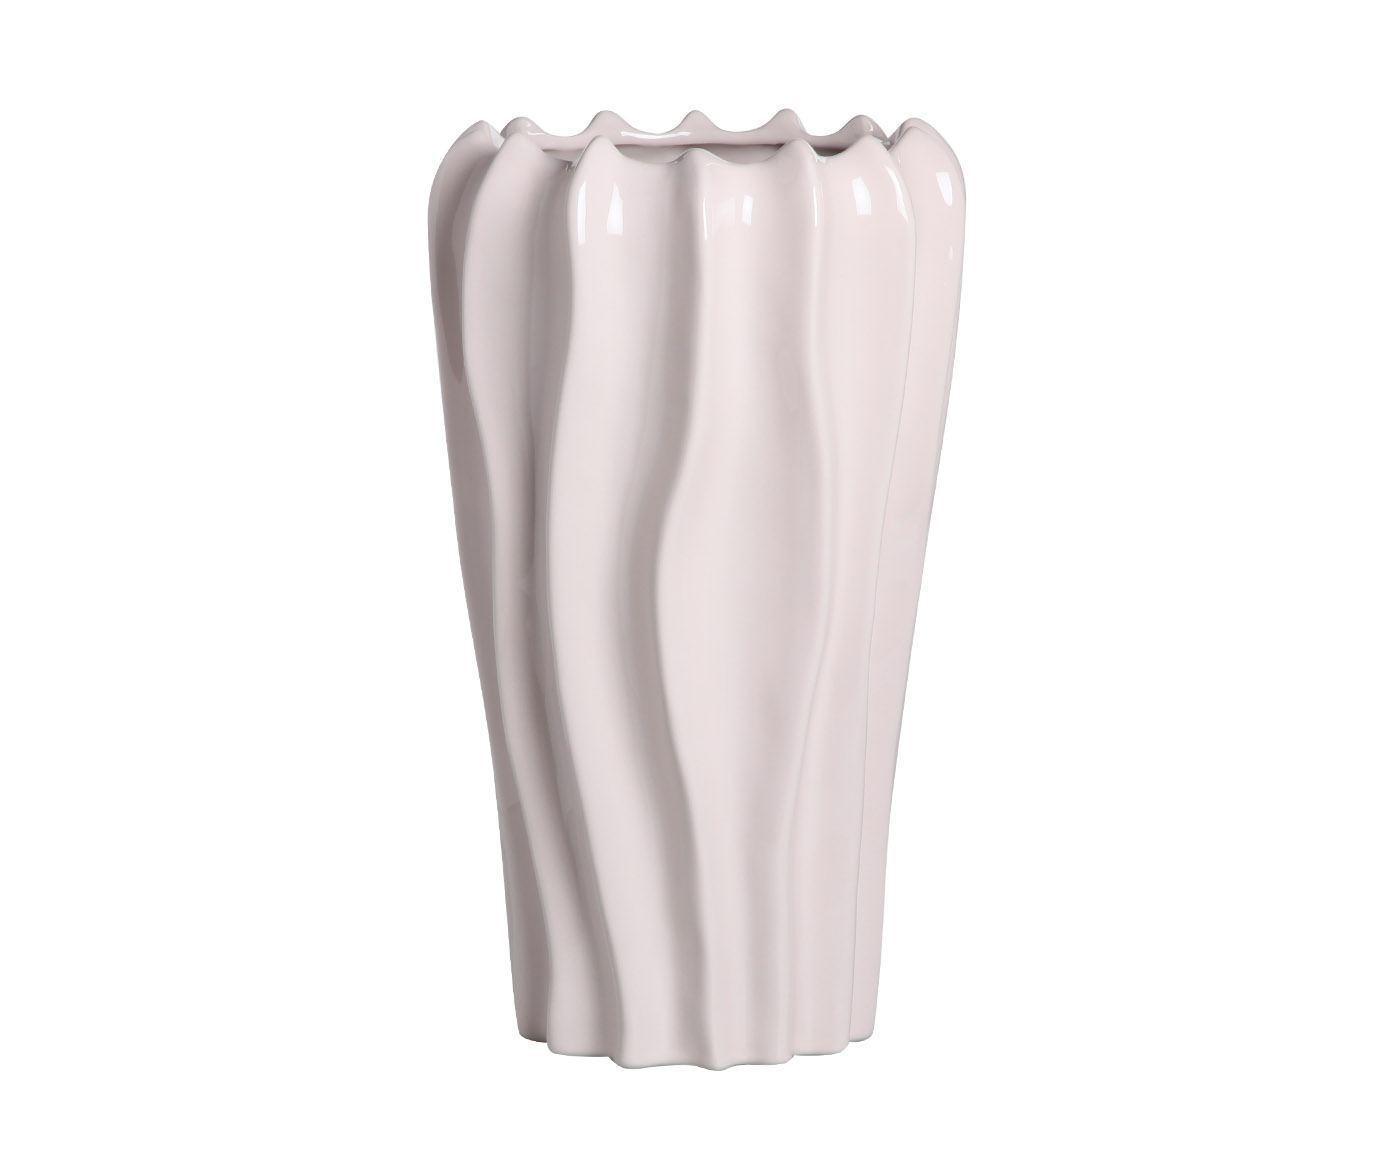 Вазы настольные Элитная ваза декоративная Cream высокая от Sporvil vaza-dekorativnaya-cream-vysokaya-ot-sporvil-iz-portugalii.jpg